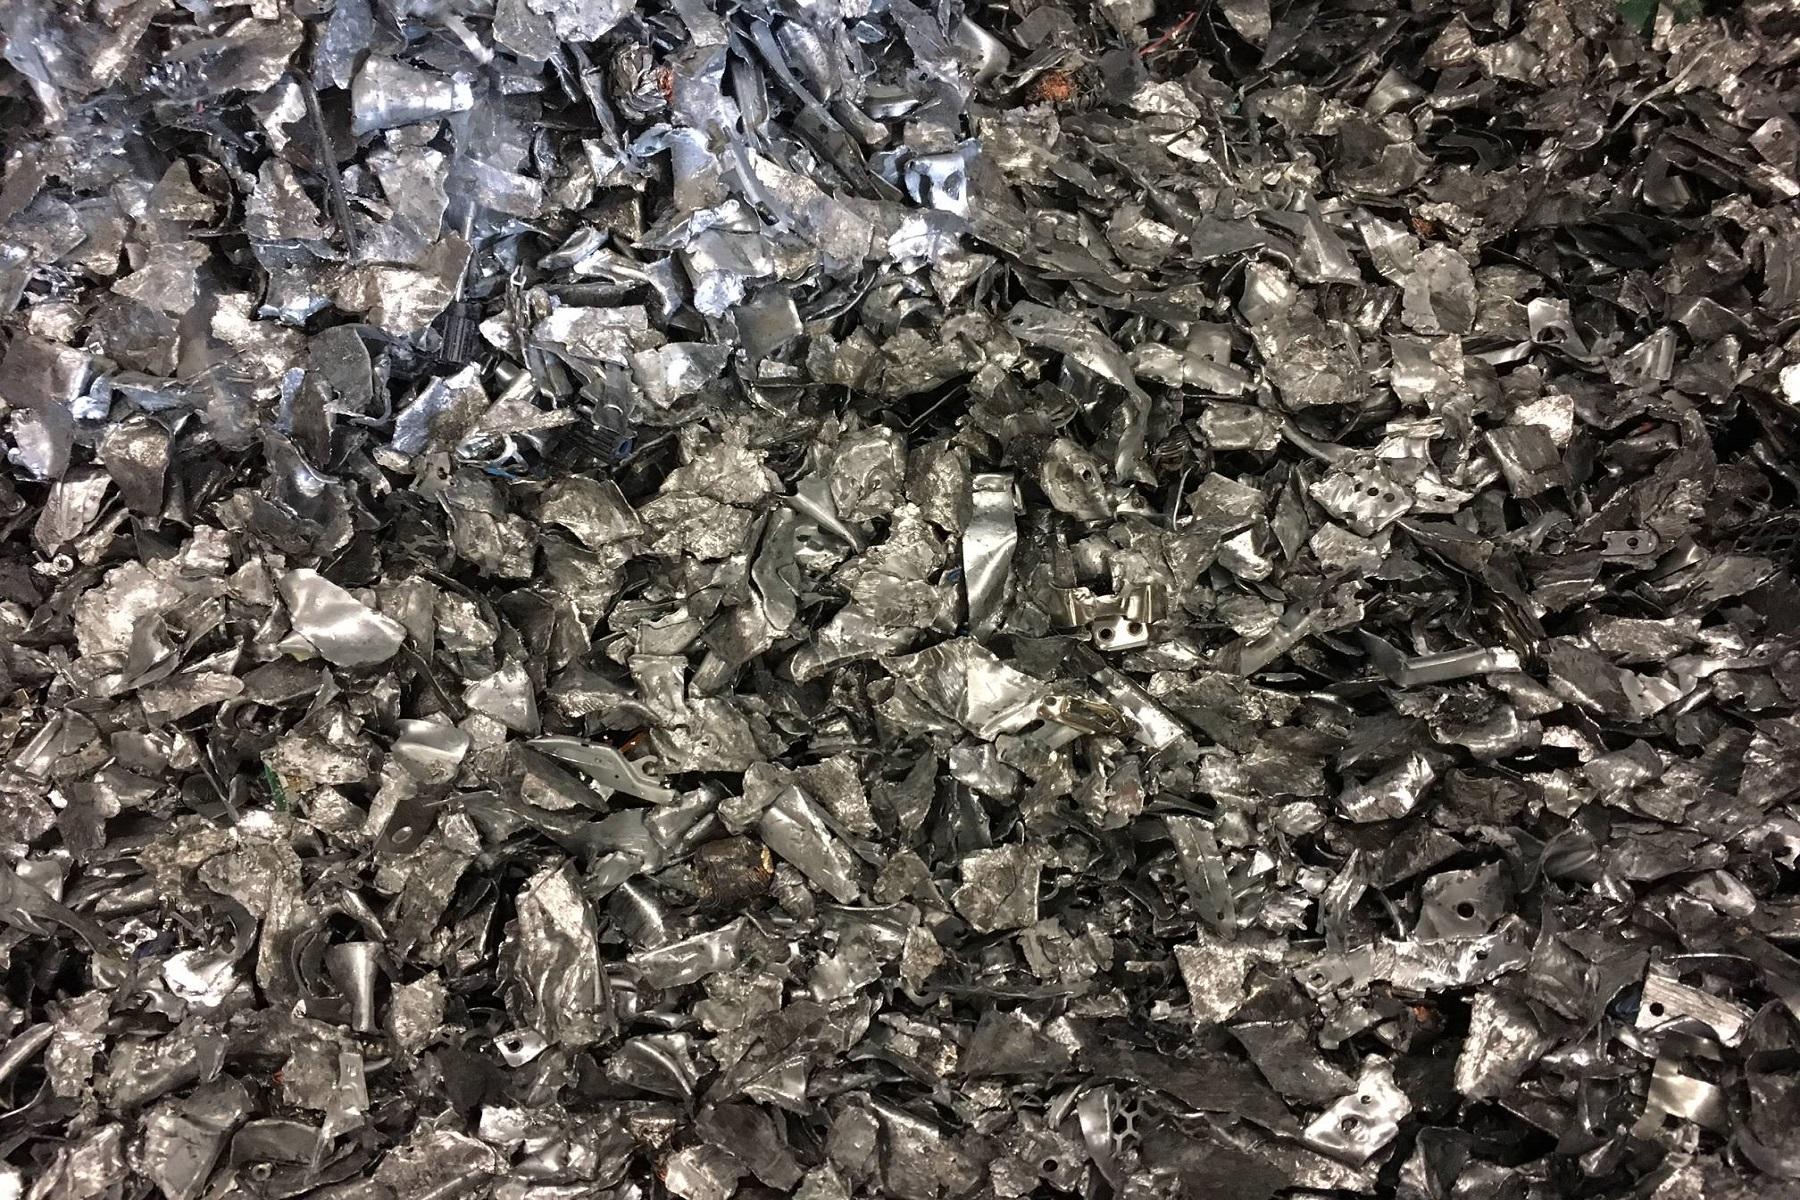 Shredded steel